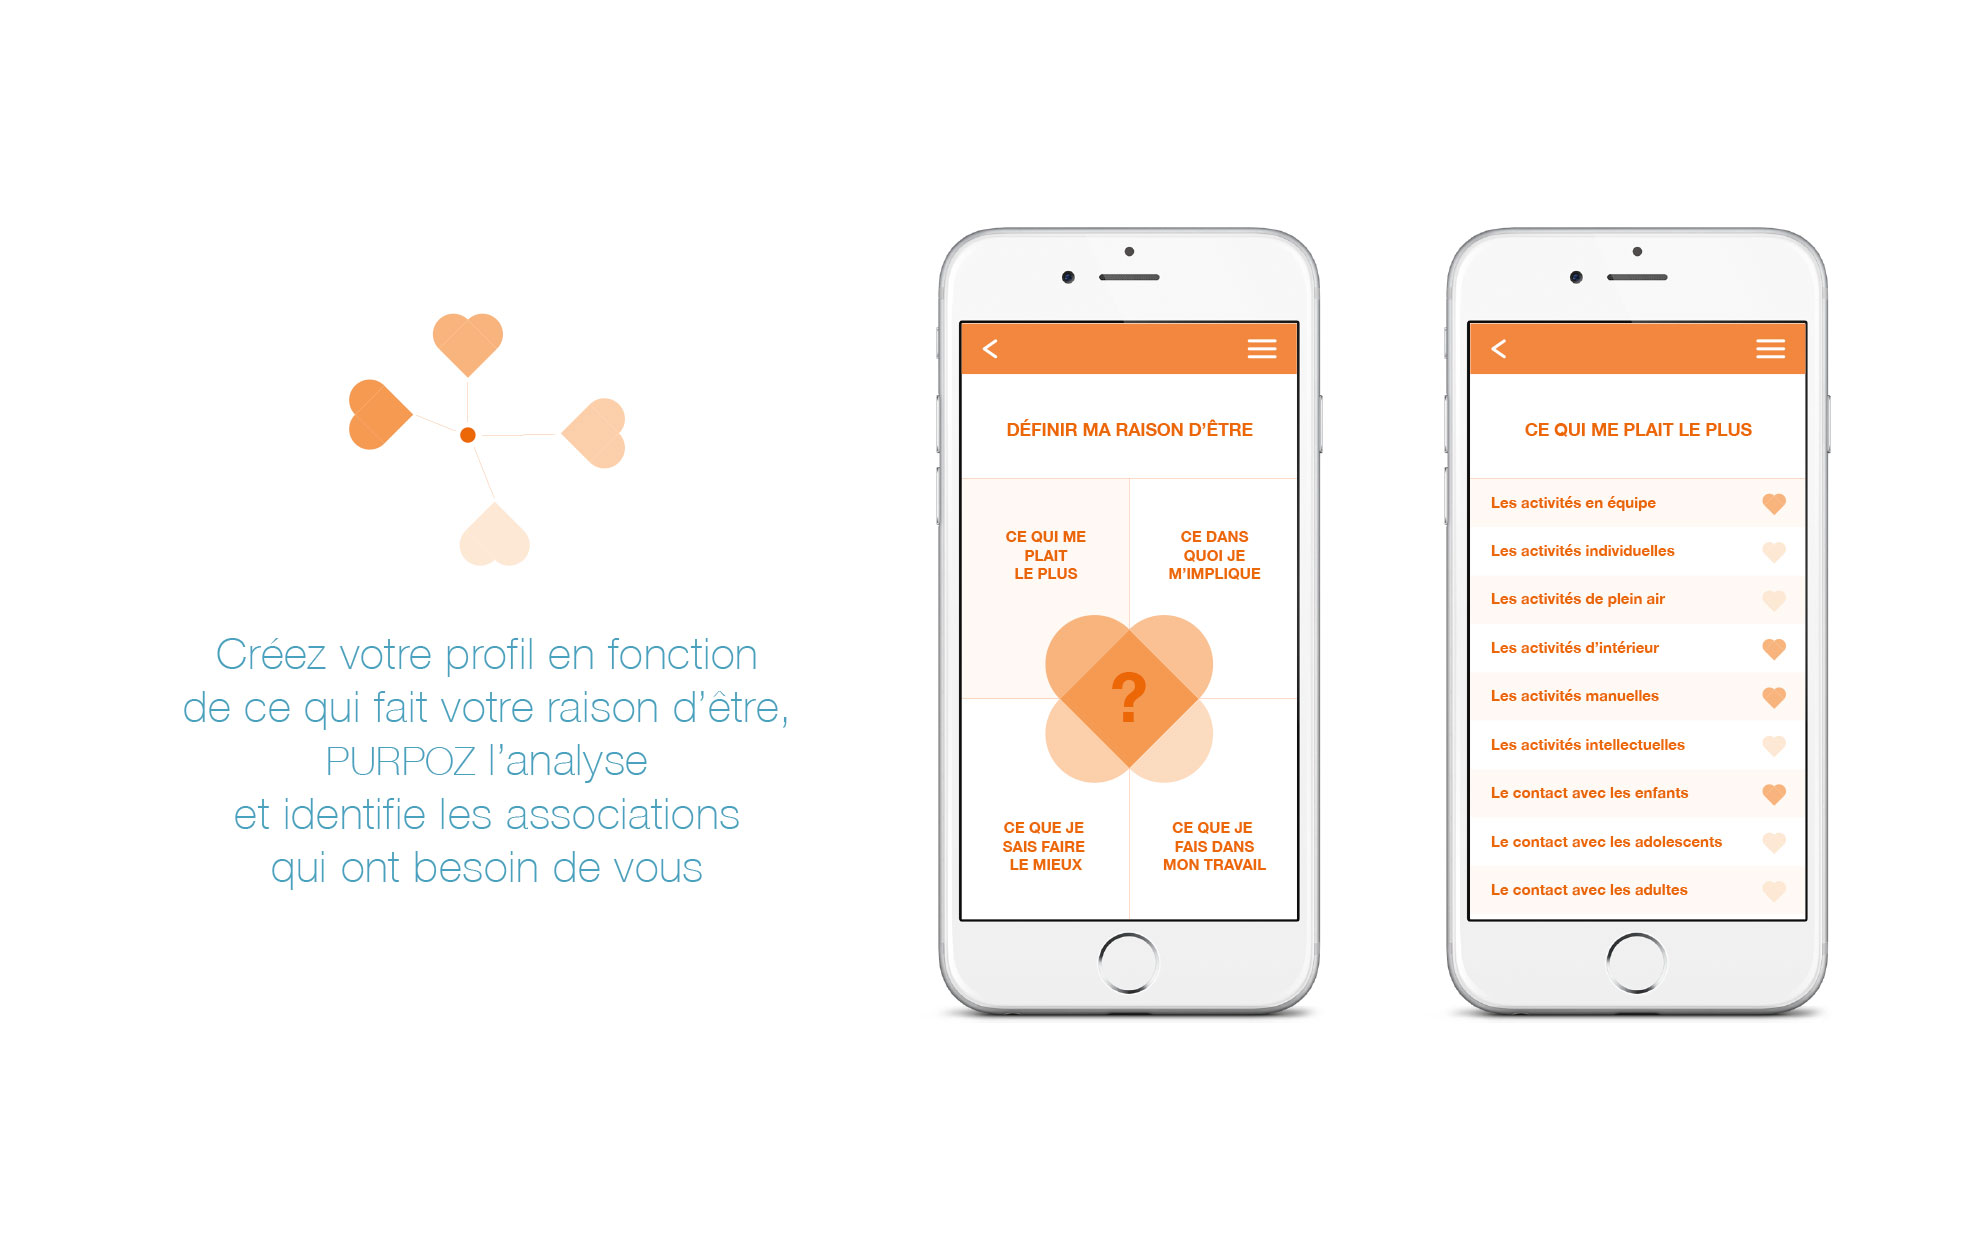 creation-design-graphique-identite-visuelle-naming-logo-digital-application-participative-nico-nico-nicolas-vignais-designer-graphique-independant-identite-visuelle-packaging-bordeaux-france-4